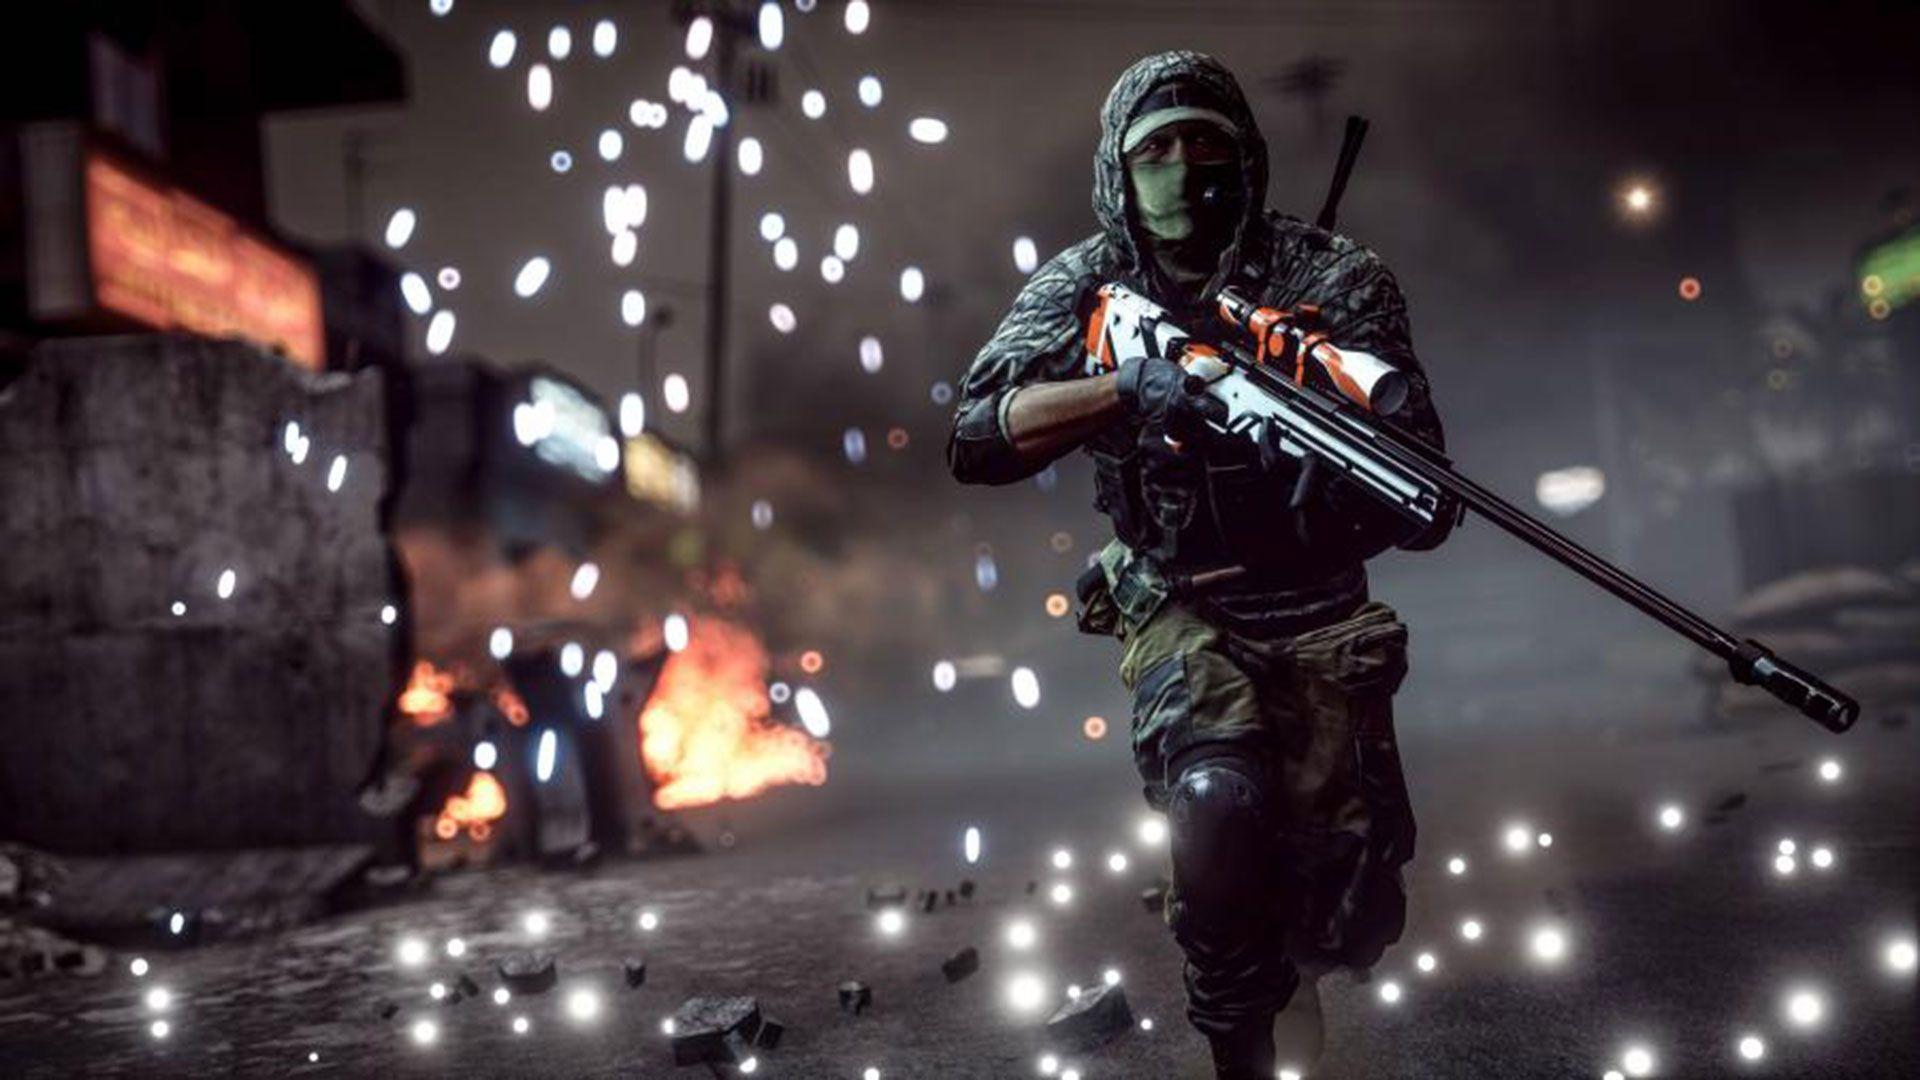 Battlefield 4 Sniper Poster [1920x1080] Battlefield 1